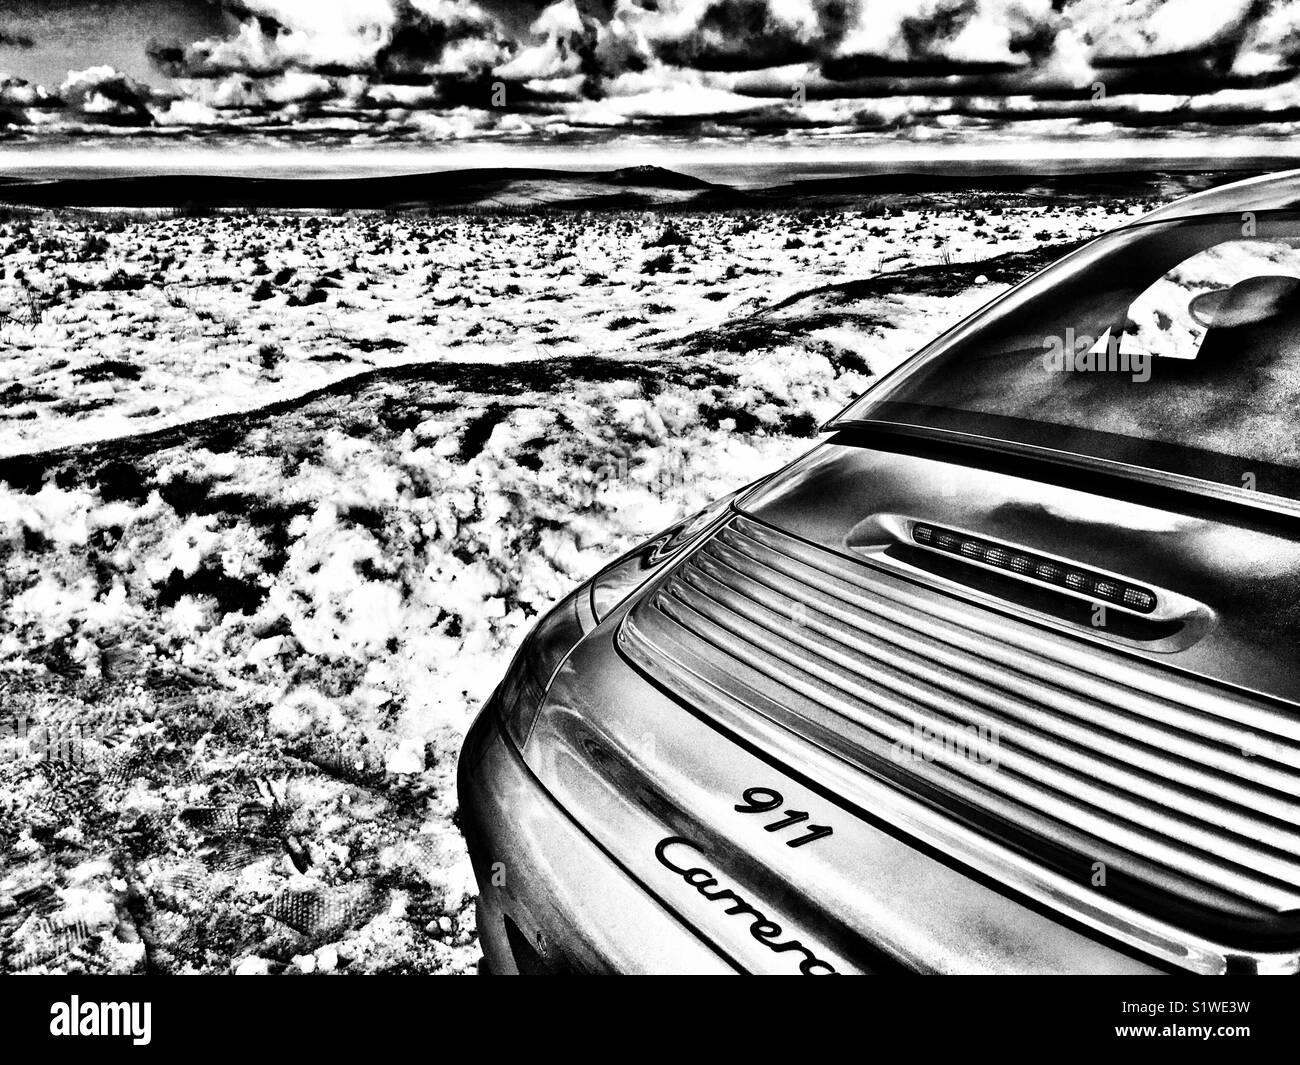 Porsche 911 Carrera rear end spoiler Stock Photo